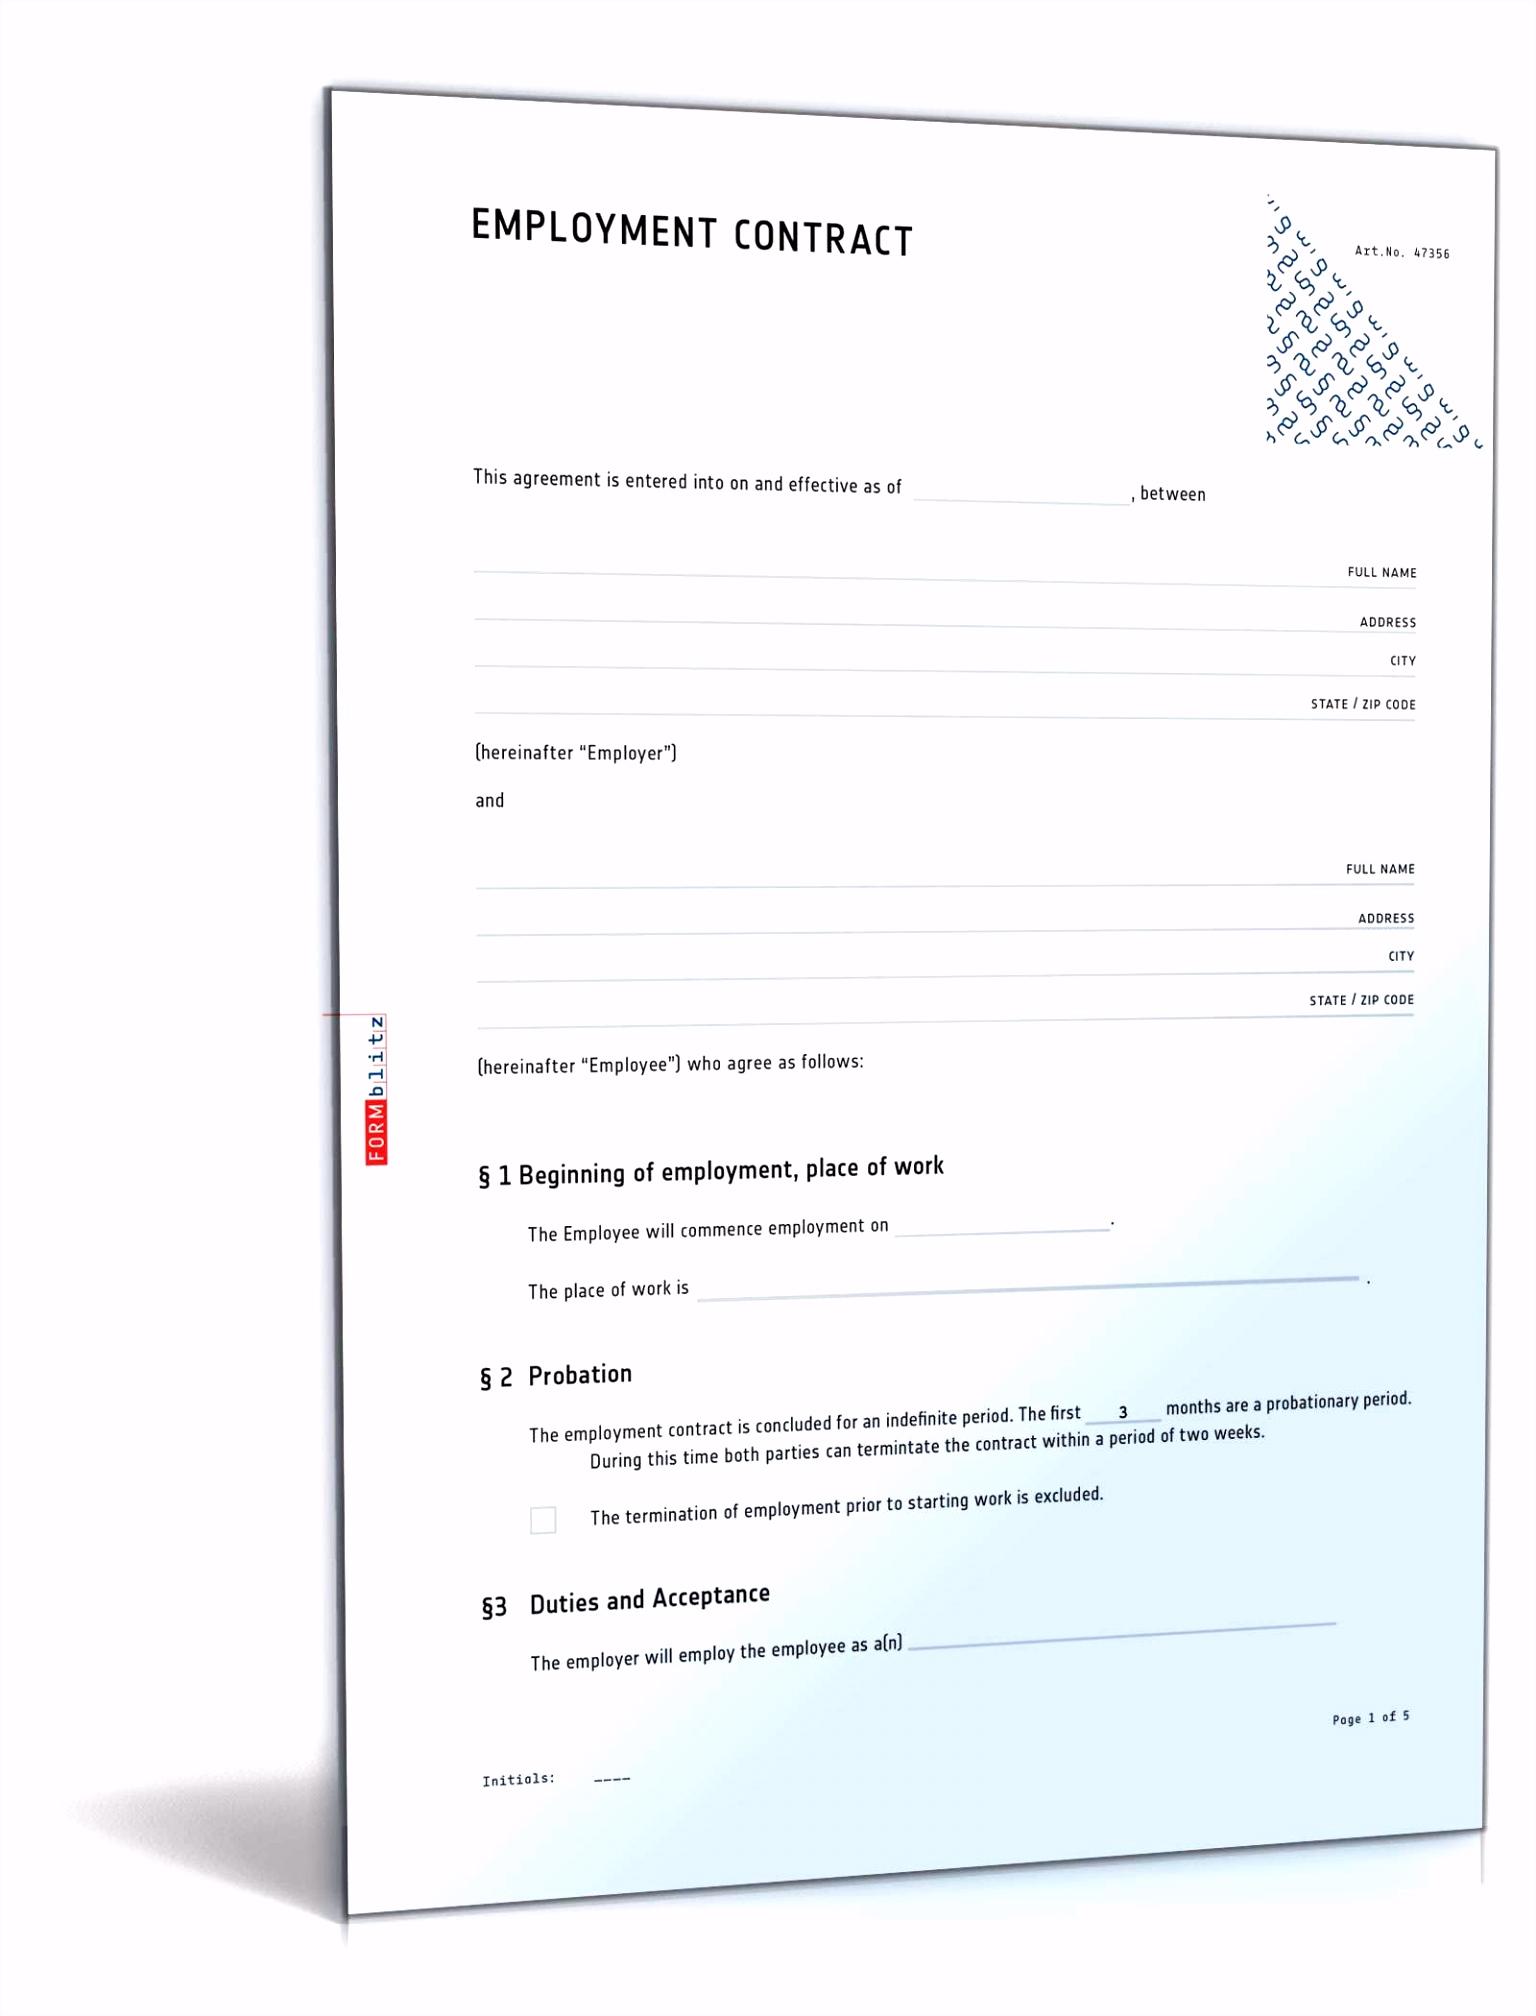 Einspruch Blitzer Vorlage Finanzamt Brief Vorlage Musterbriefe Finanzamt Vorlagen Und Y4ur88vtt3 Nvth65bqsu